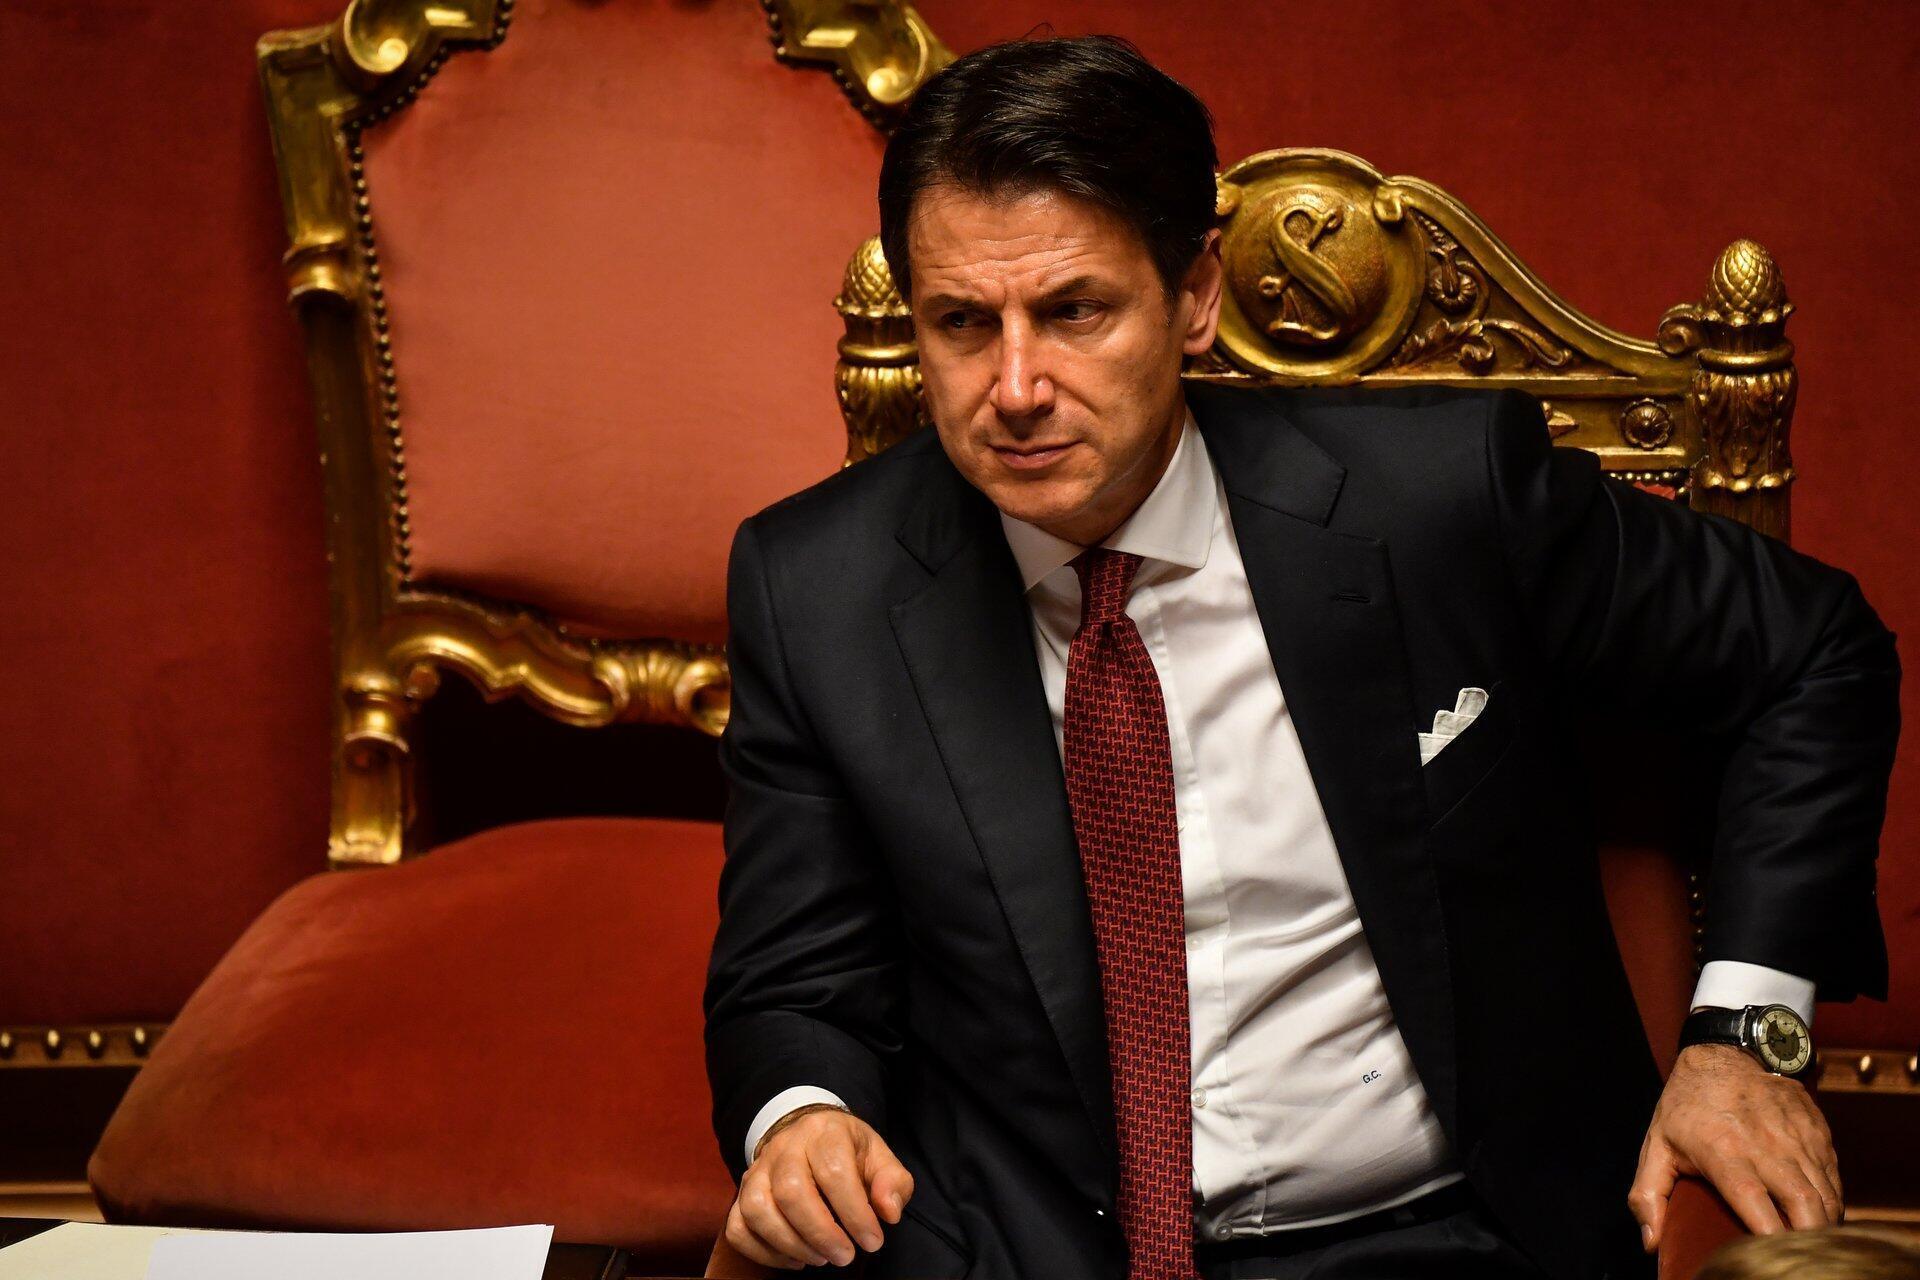 Thủ tướng Ý Giuseppe Conte lại được giao trách nhiệm thành lập chính phủ mới.